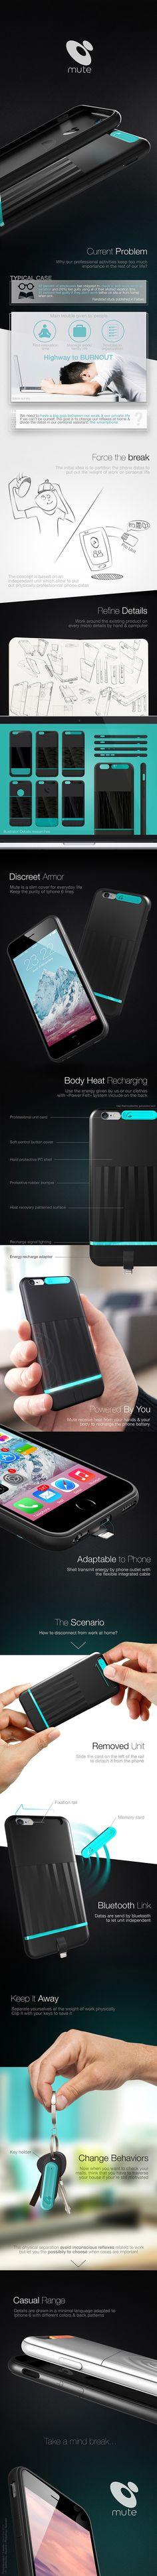 https://www.behance.net/gallery/22192031/Mute-smart-iphone-cover